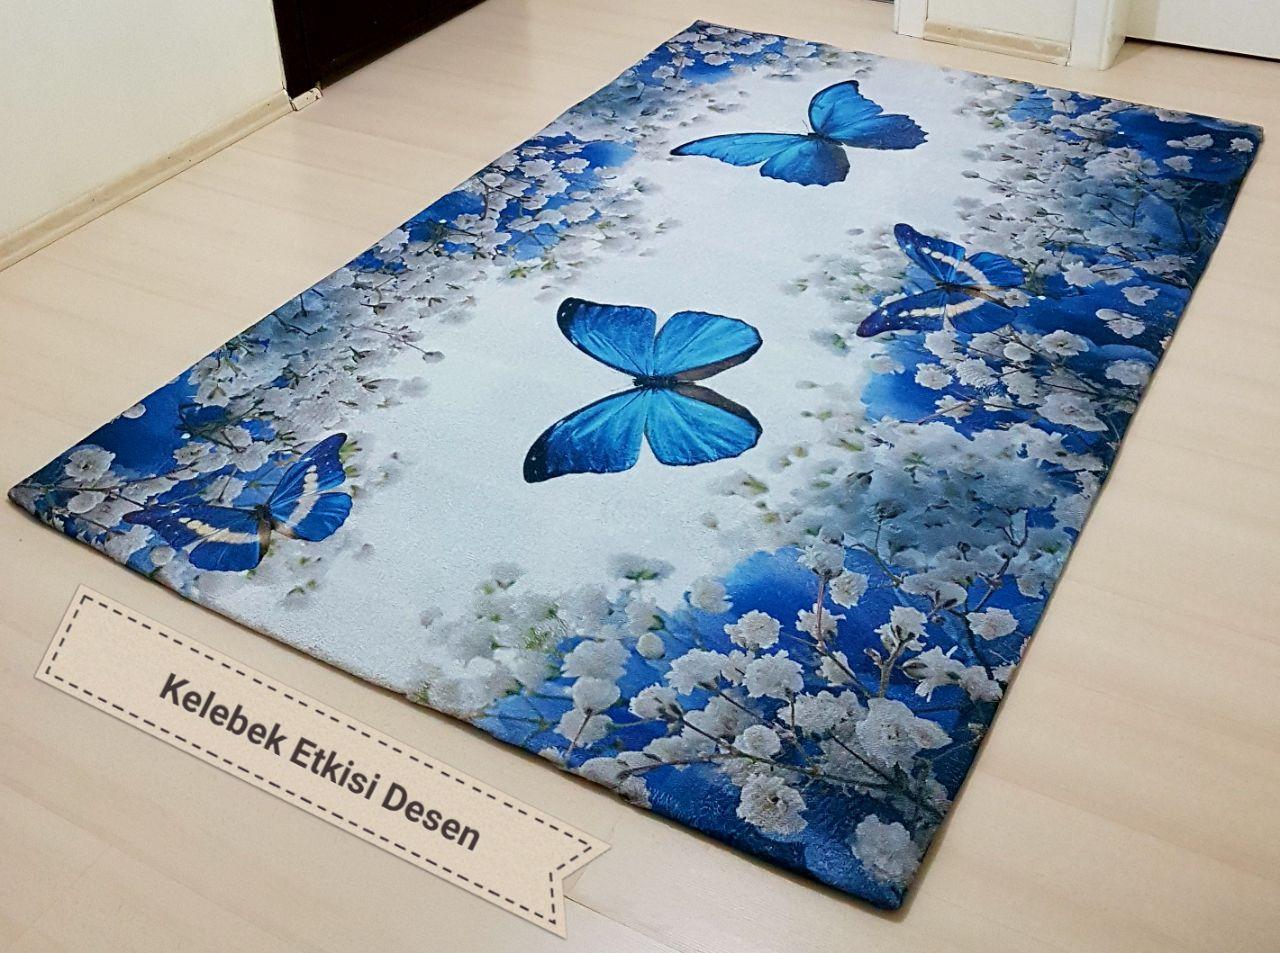 Amazing Kelebek Etkisi Mavi Dijital Desenli Lastikli Halı Örtüleri